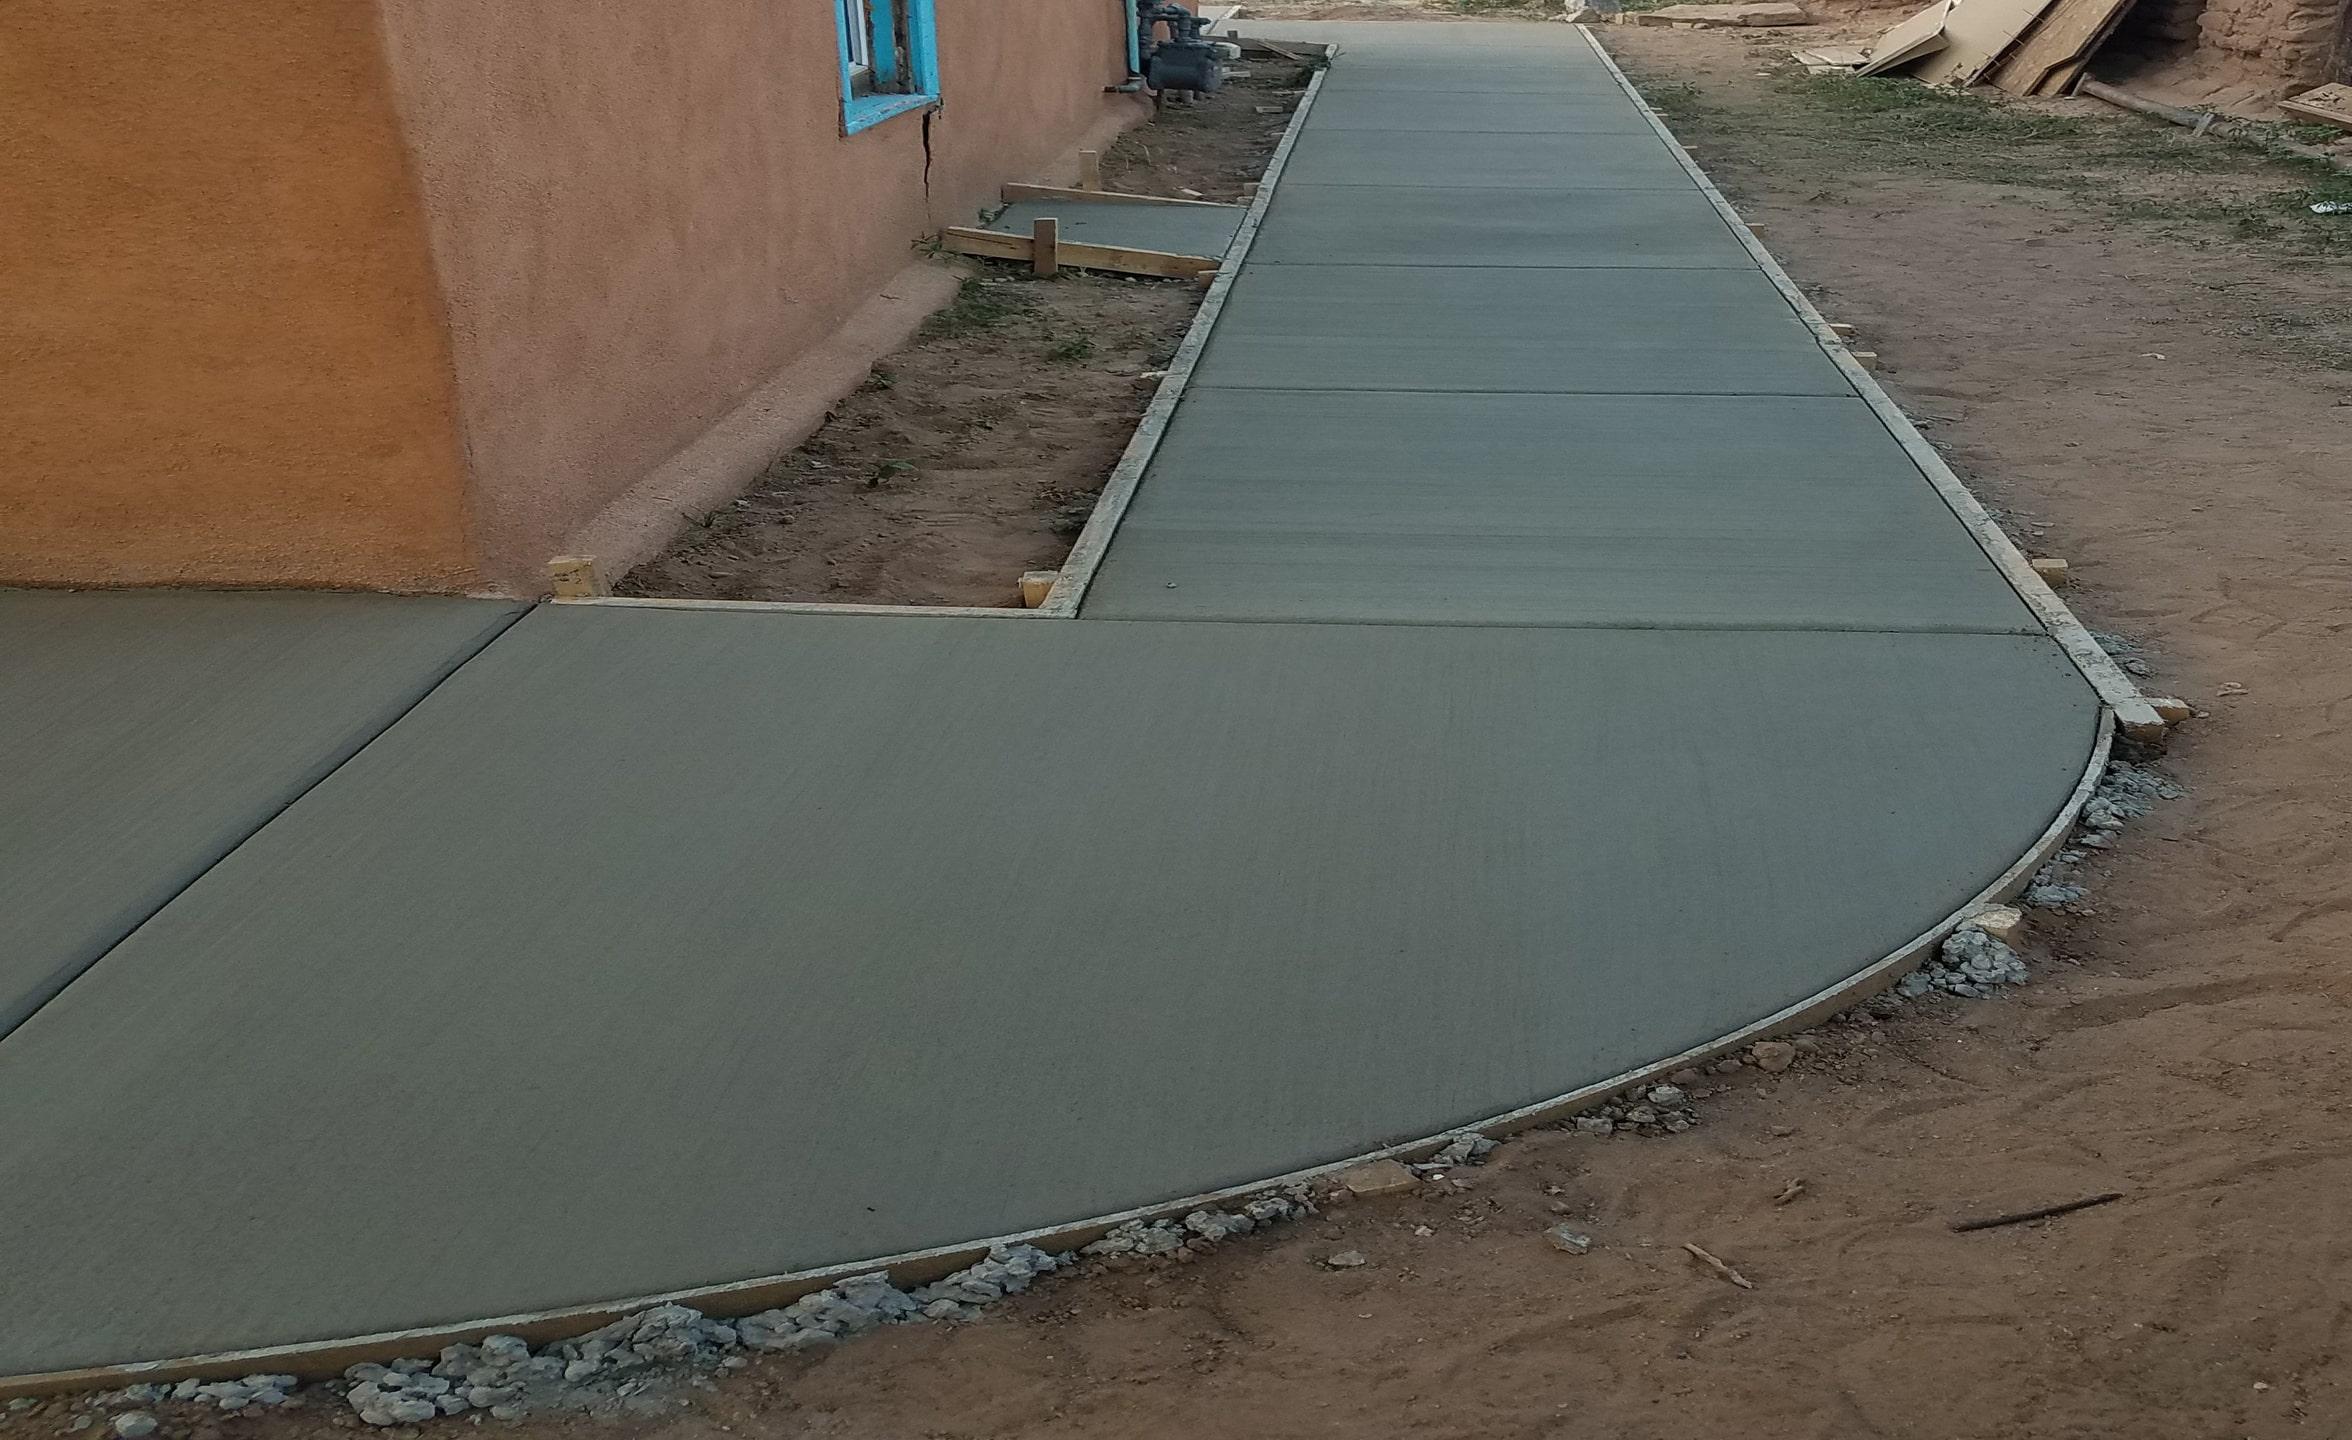 Image showing concrete pour